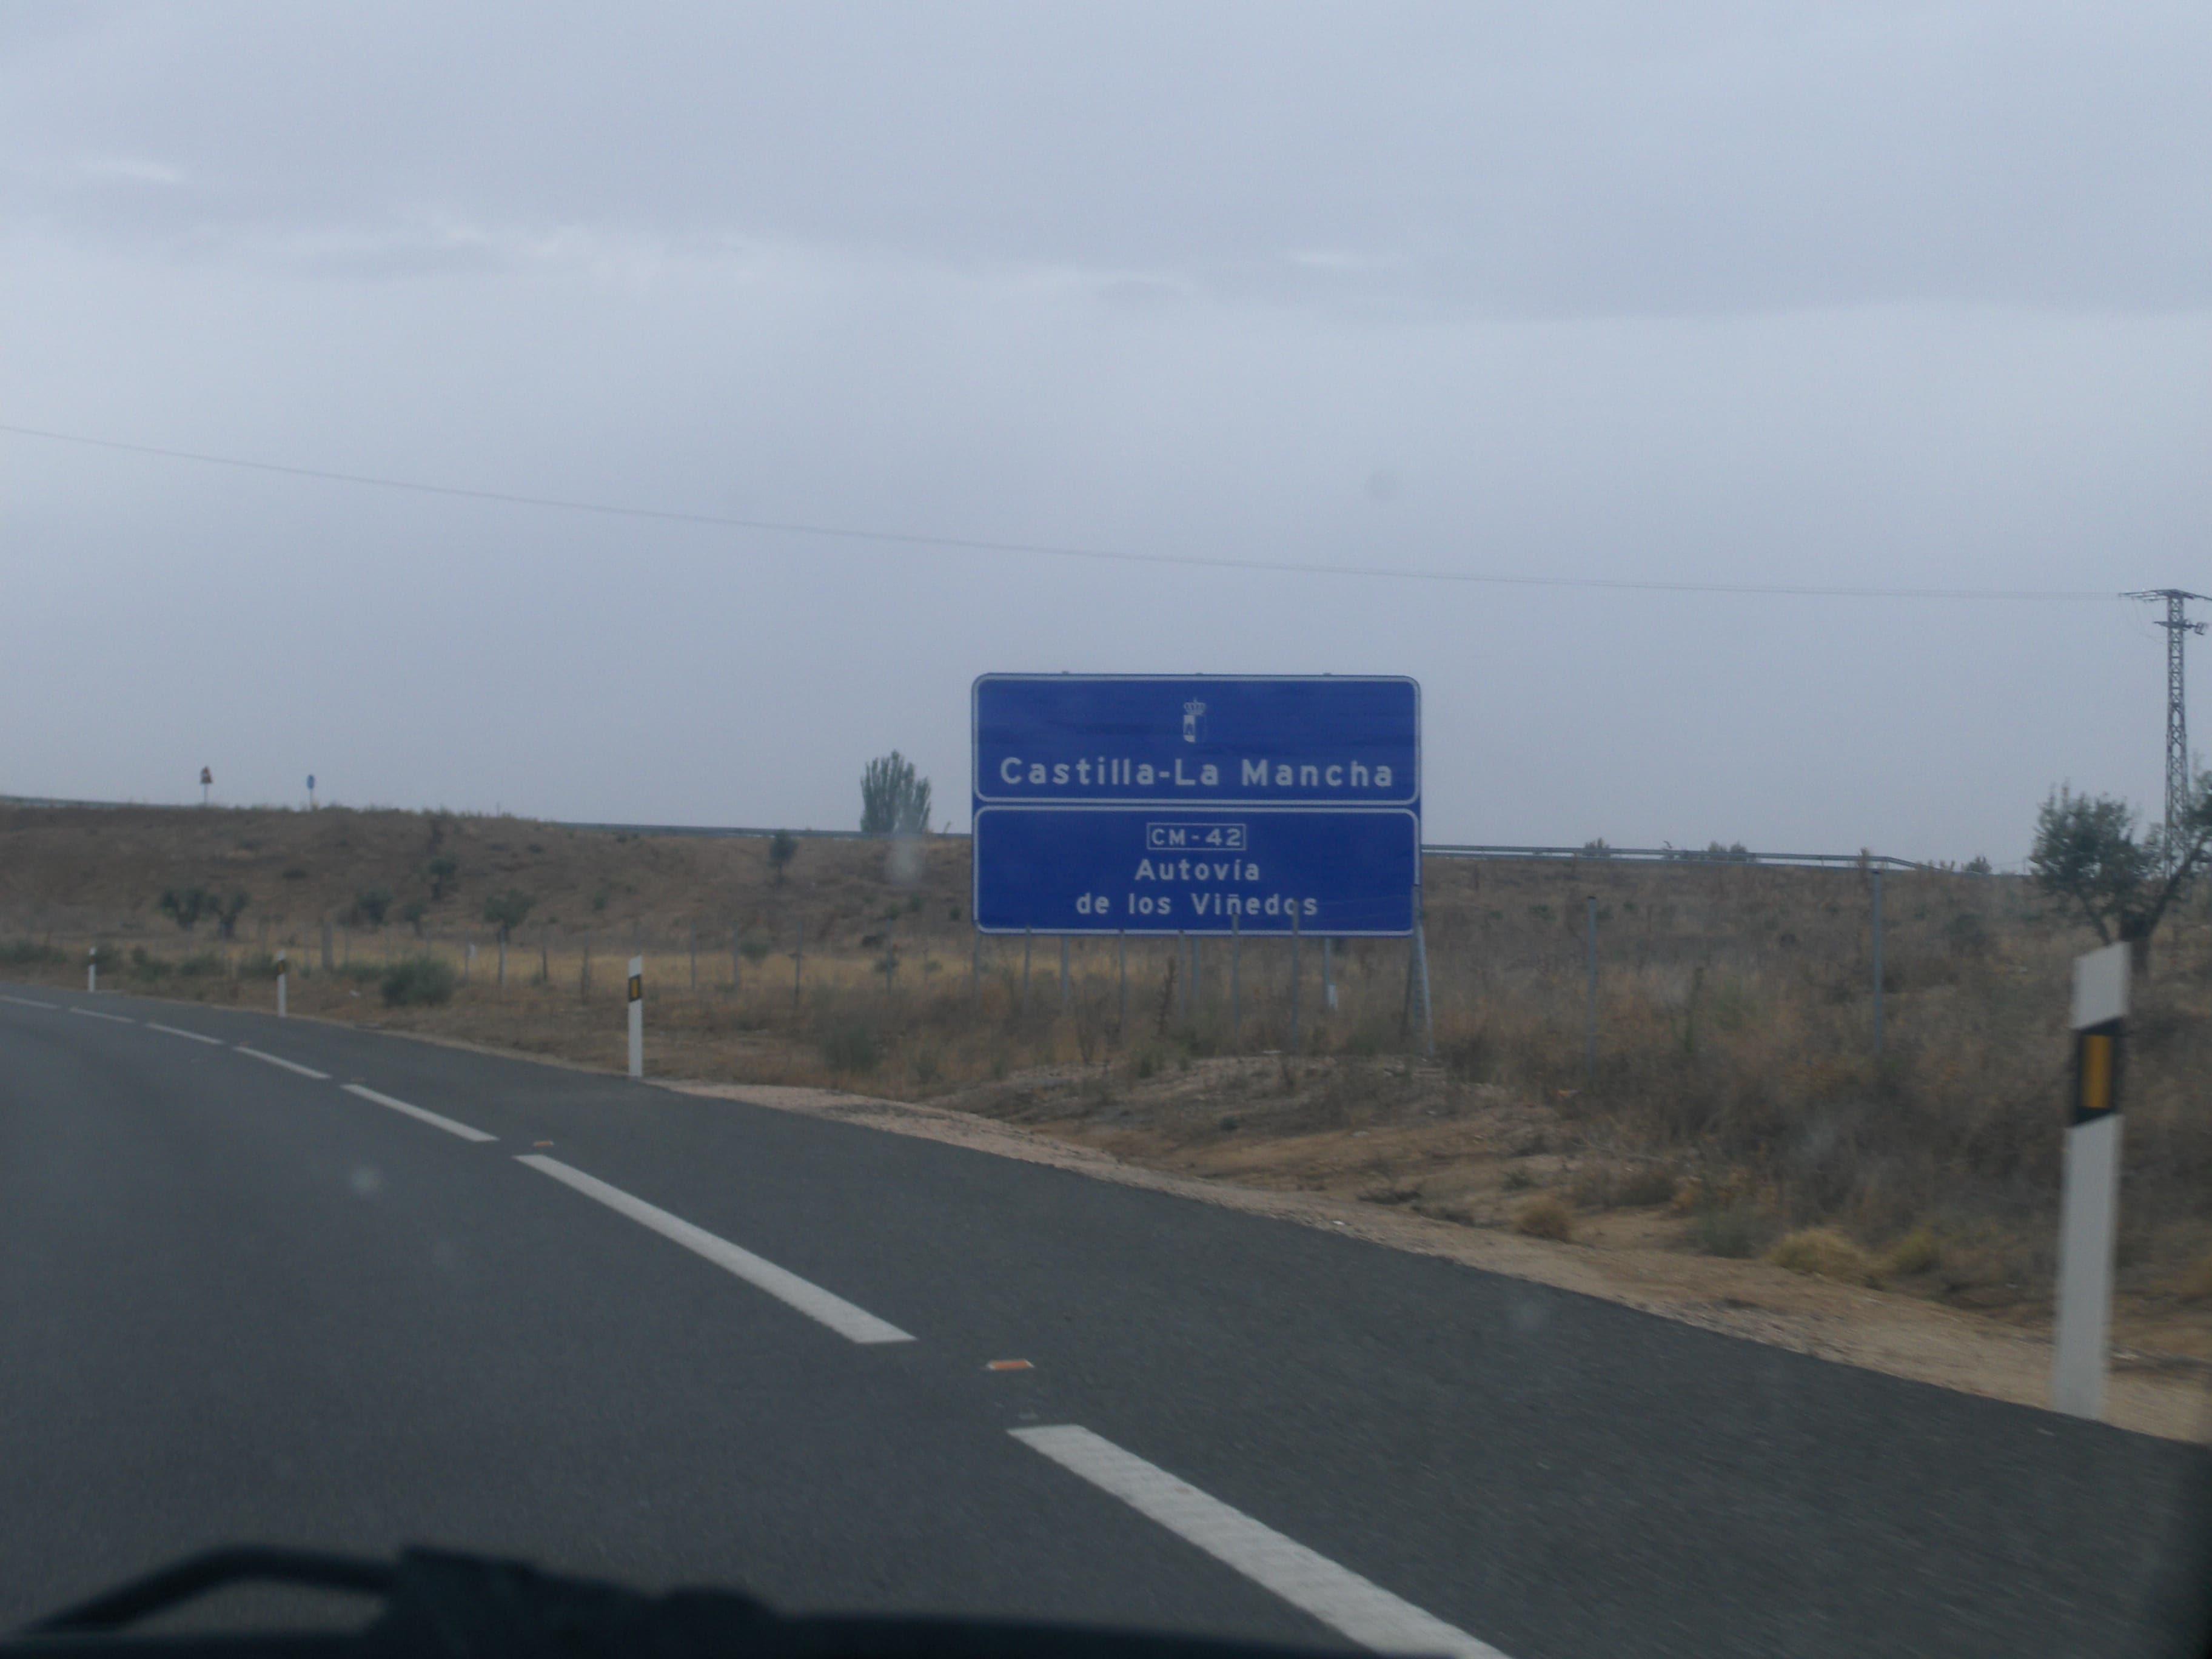 Inaugurada la autovía de los Viñedos 1